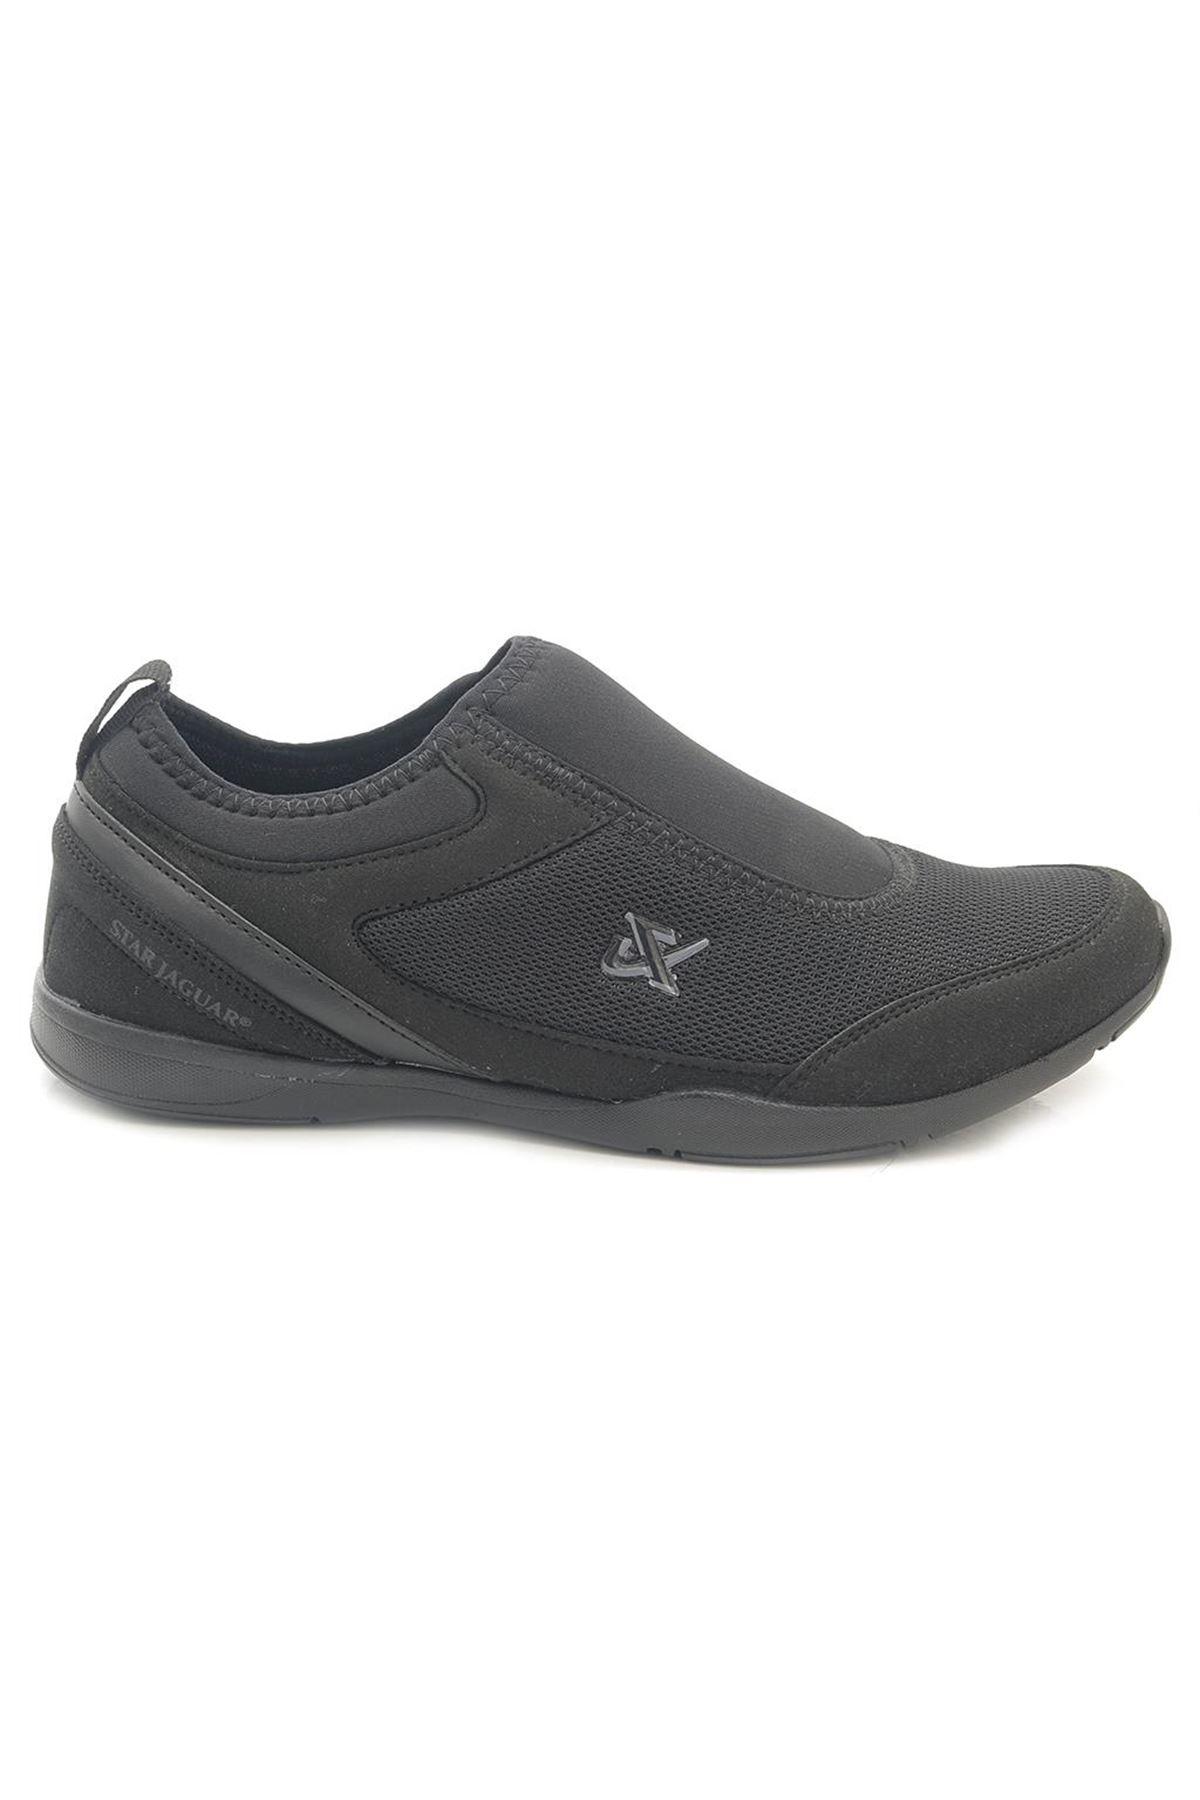 Str Macon Anorak Erkek Spor Ayakkabı